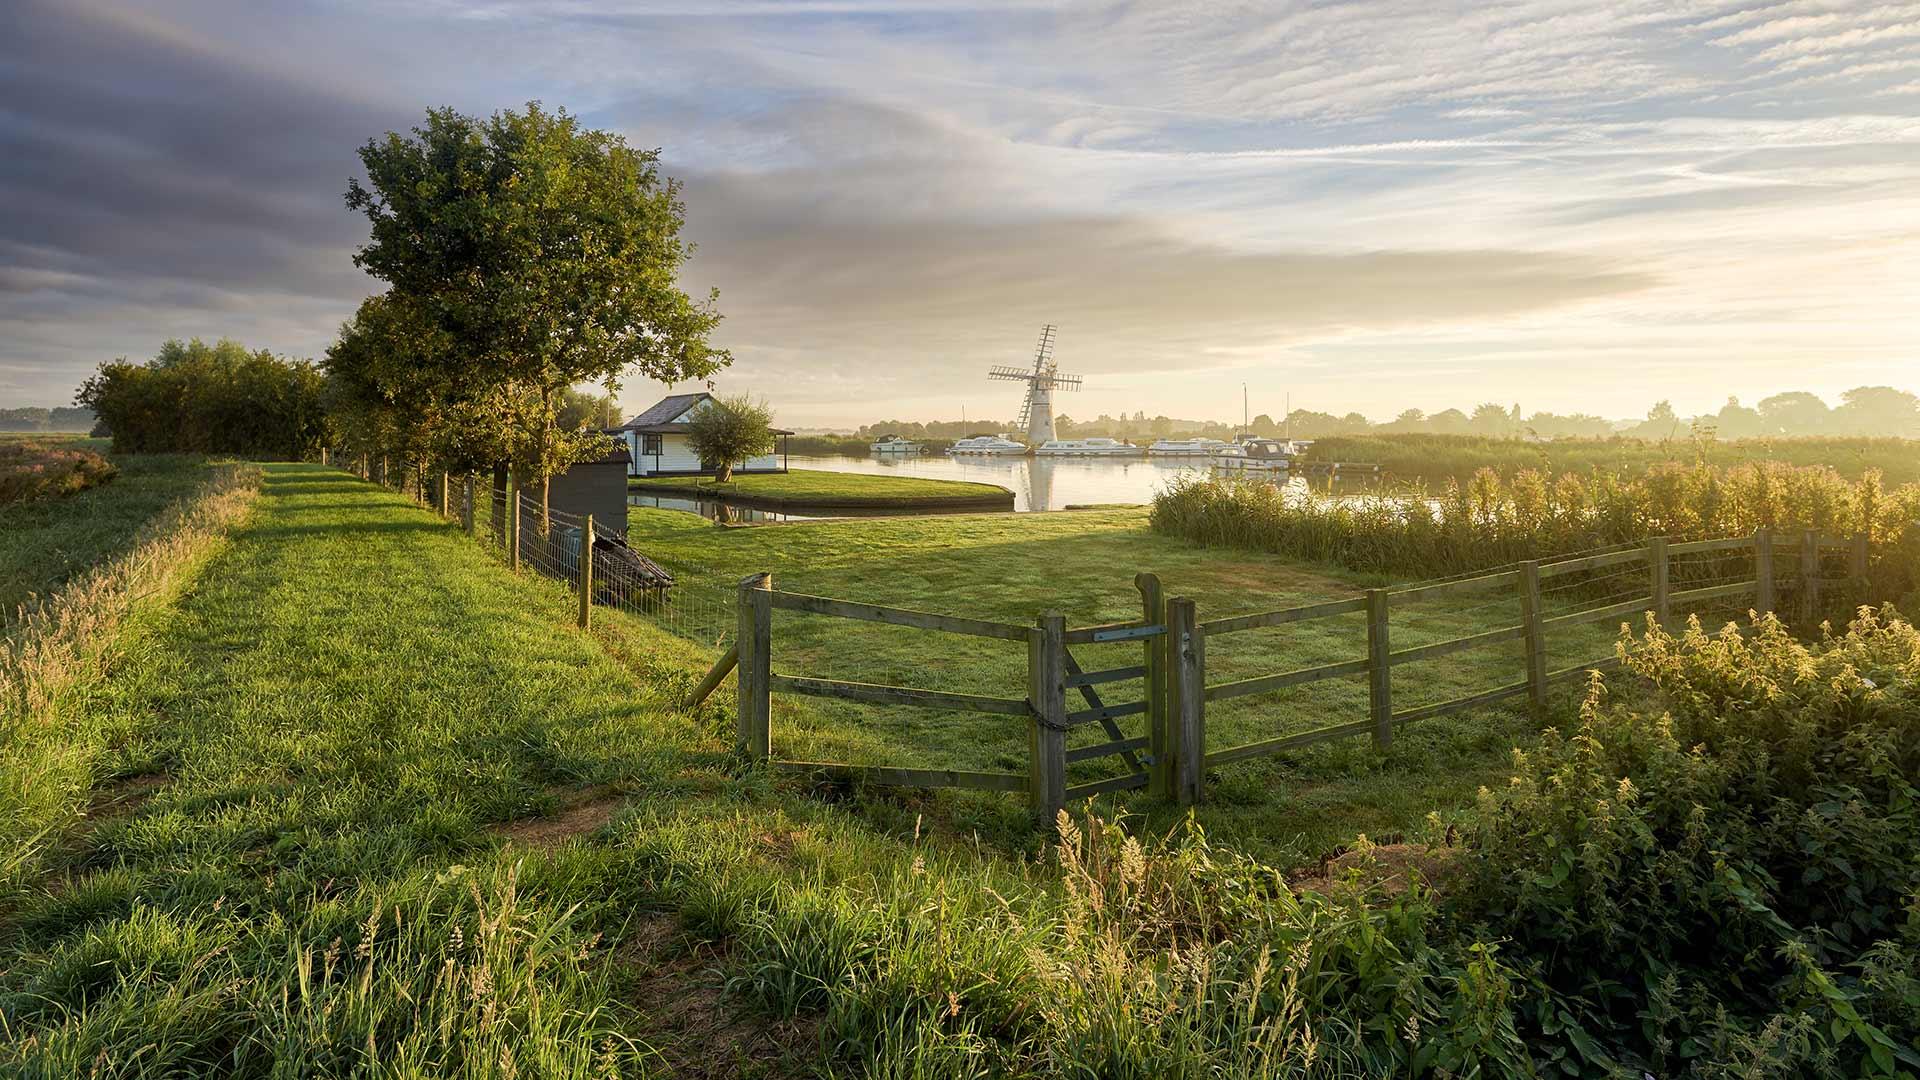 布罗兹湿地国家公园,英国诺福克郡